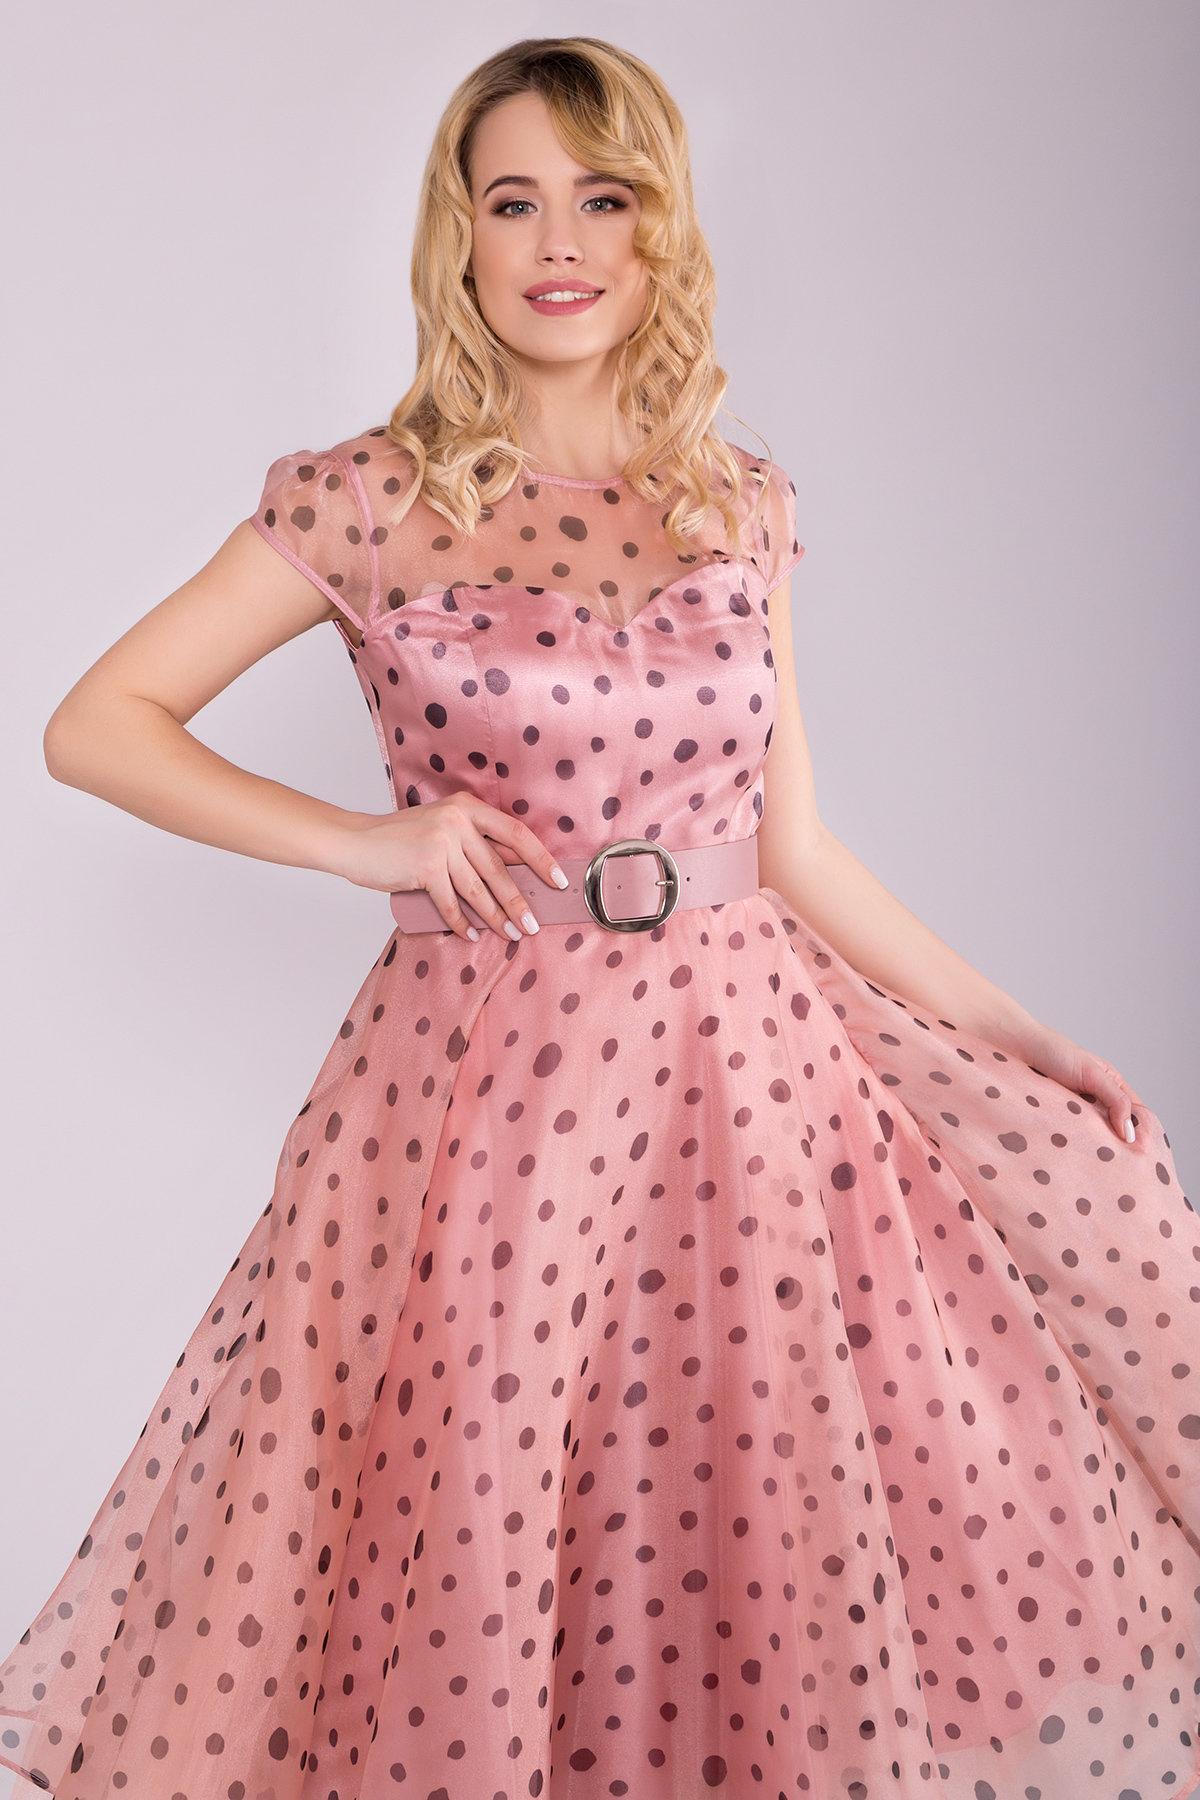 Стильное Платье в крупный горох 6947 АРТ. 42328 Цвет: Пудра/Черный - фото 3, интернет магазин tm-modus.ru